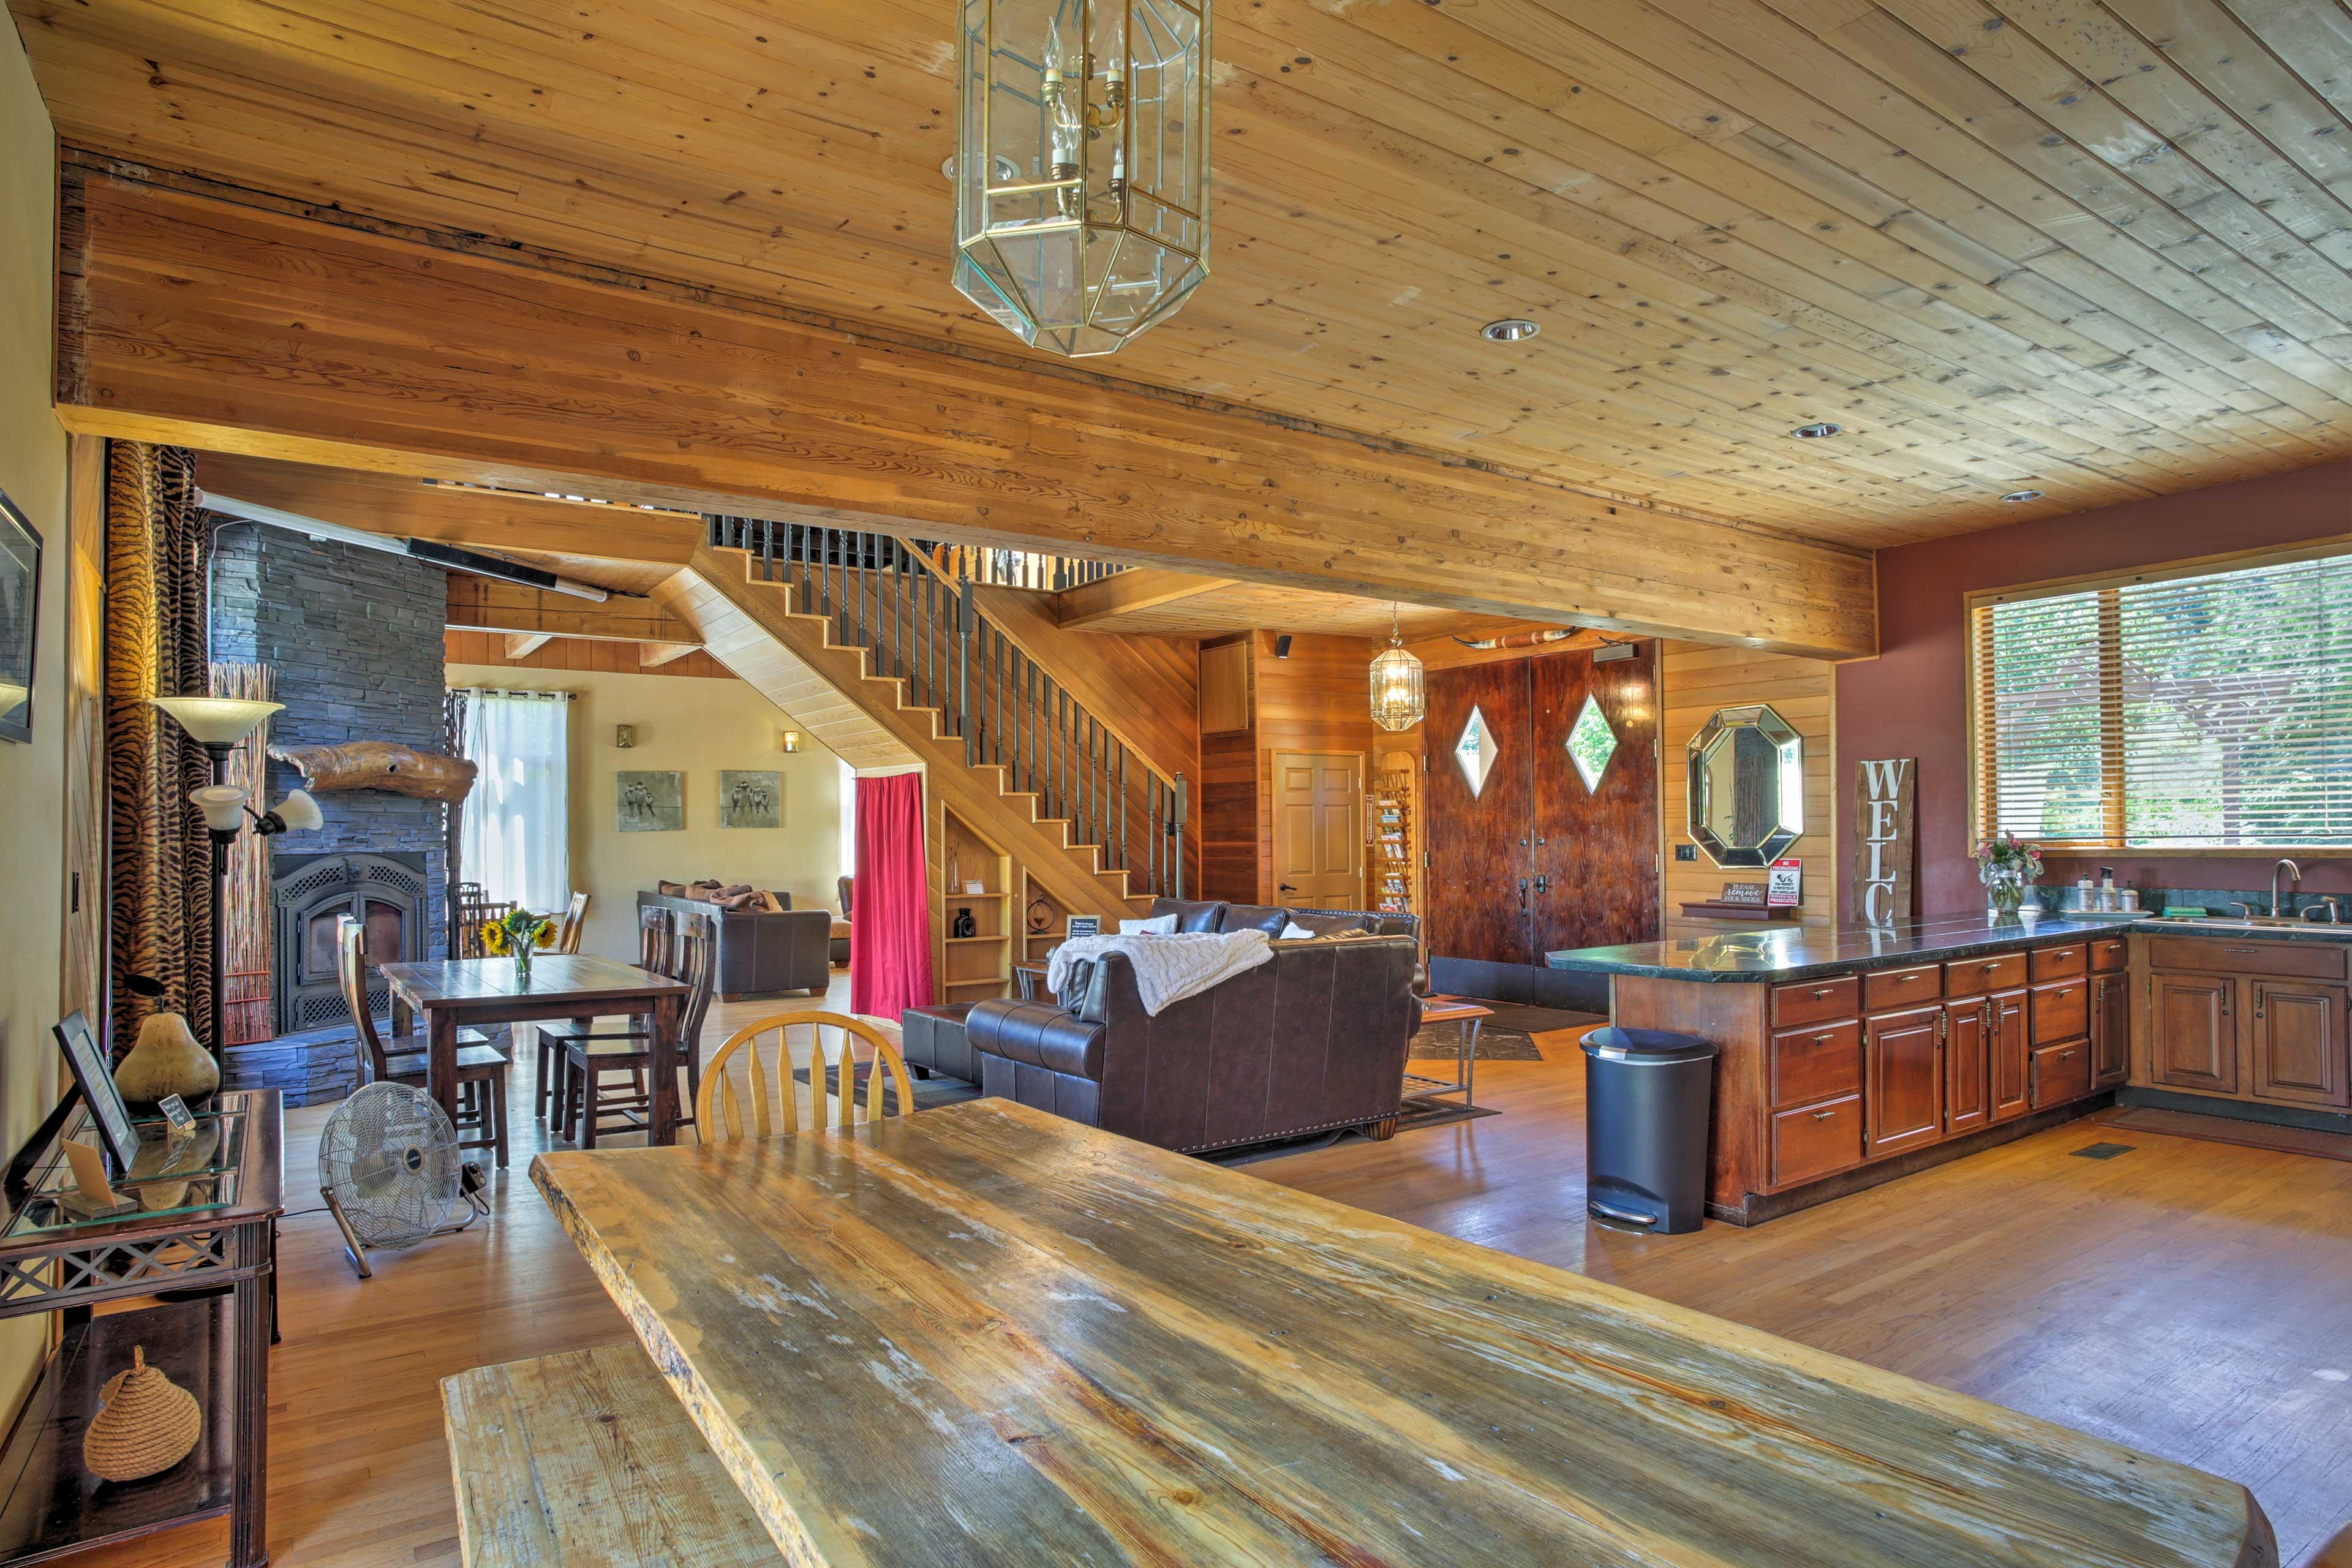 An open floor plan & hardwood details make this a luxurious getaway.